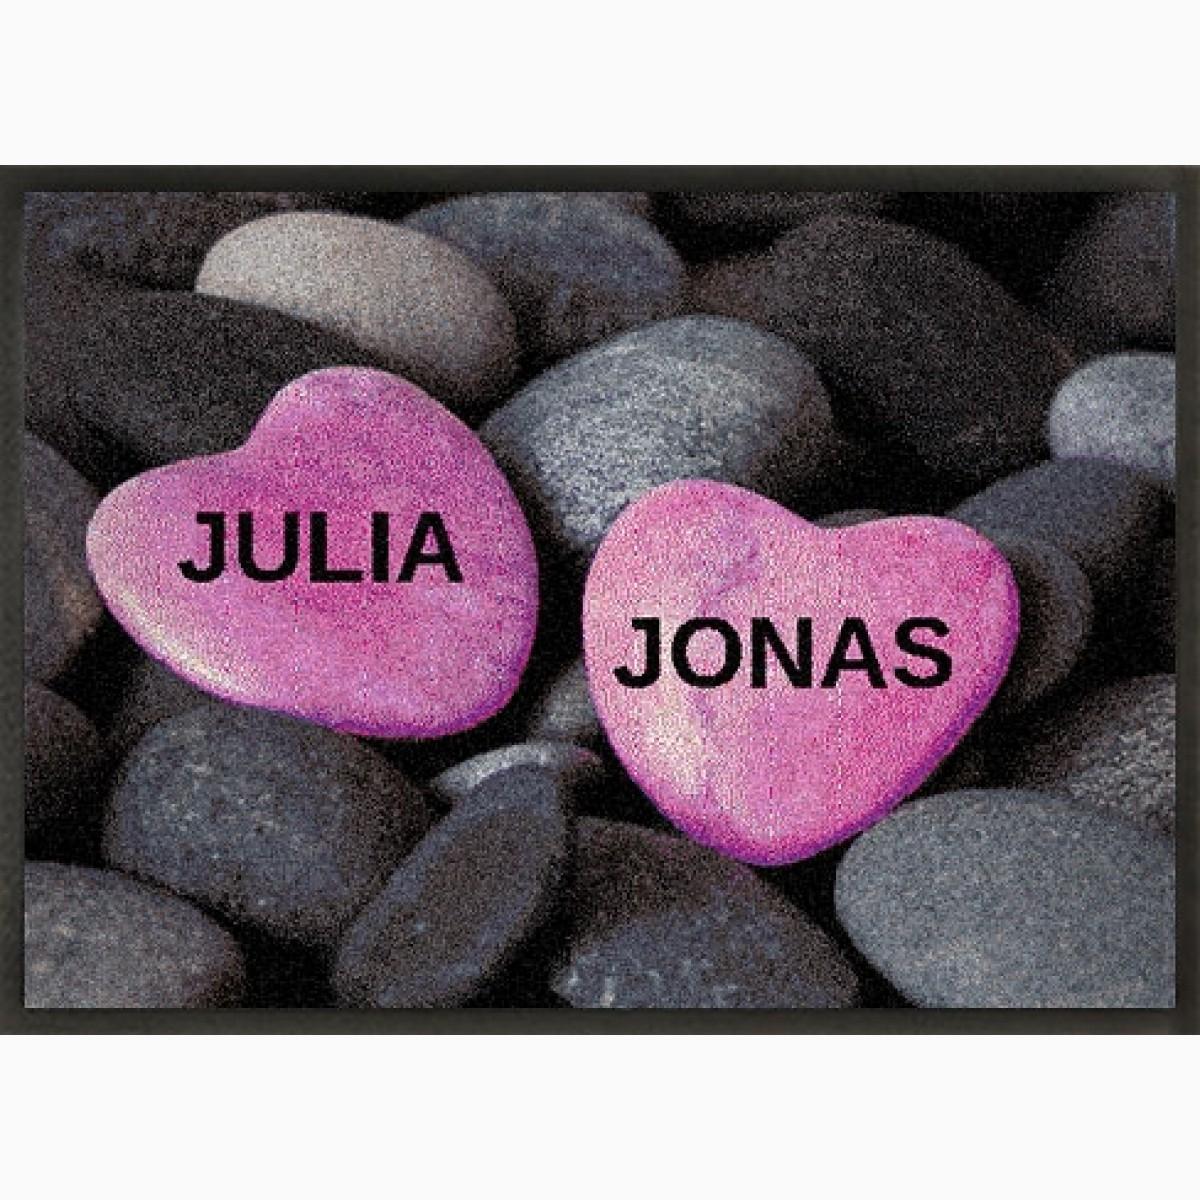 Fotomatte als Geschenk zur Hochzeit mit Herz auf Steinen